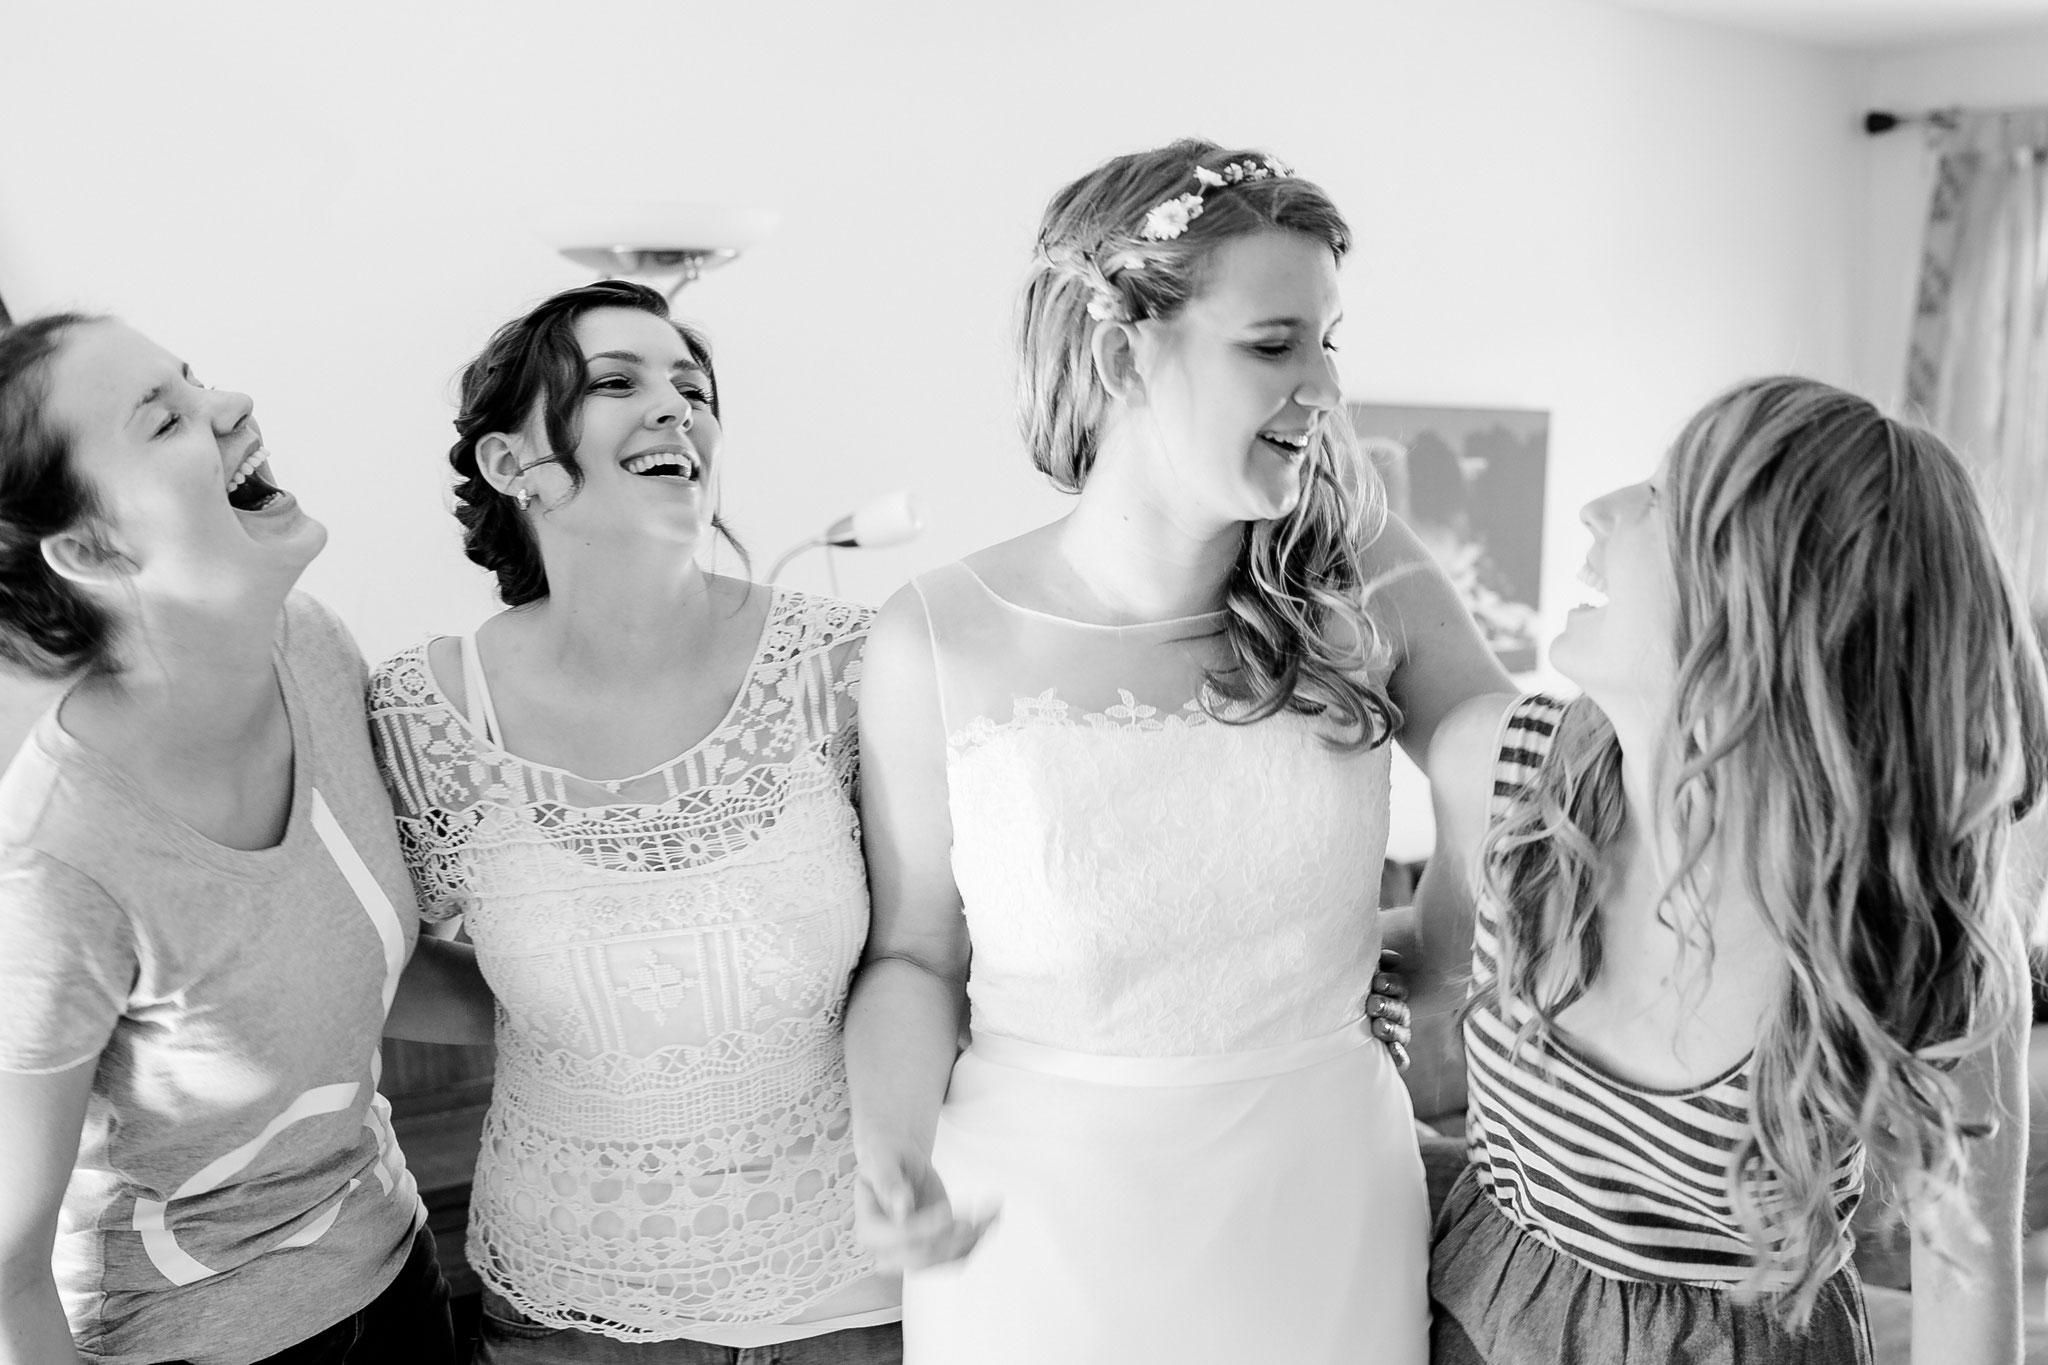 Hochzeitsfotografin Rebecca Adloff Ruhrgebiet, Münster, Essen, Düsseldorf, NRW, Oberhausen |Hochzeitsreportage |Hochzeitsfotos | Paarshooting |Blumenkranz | Getting Ready